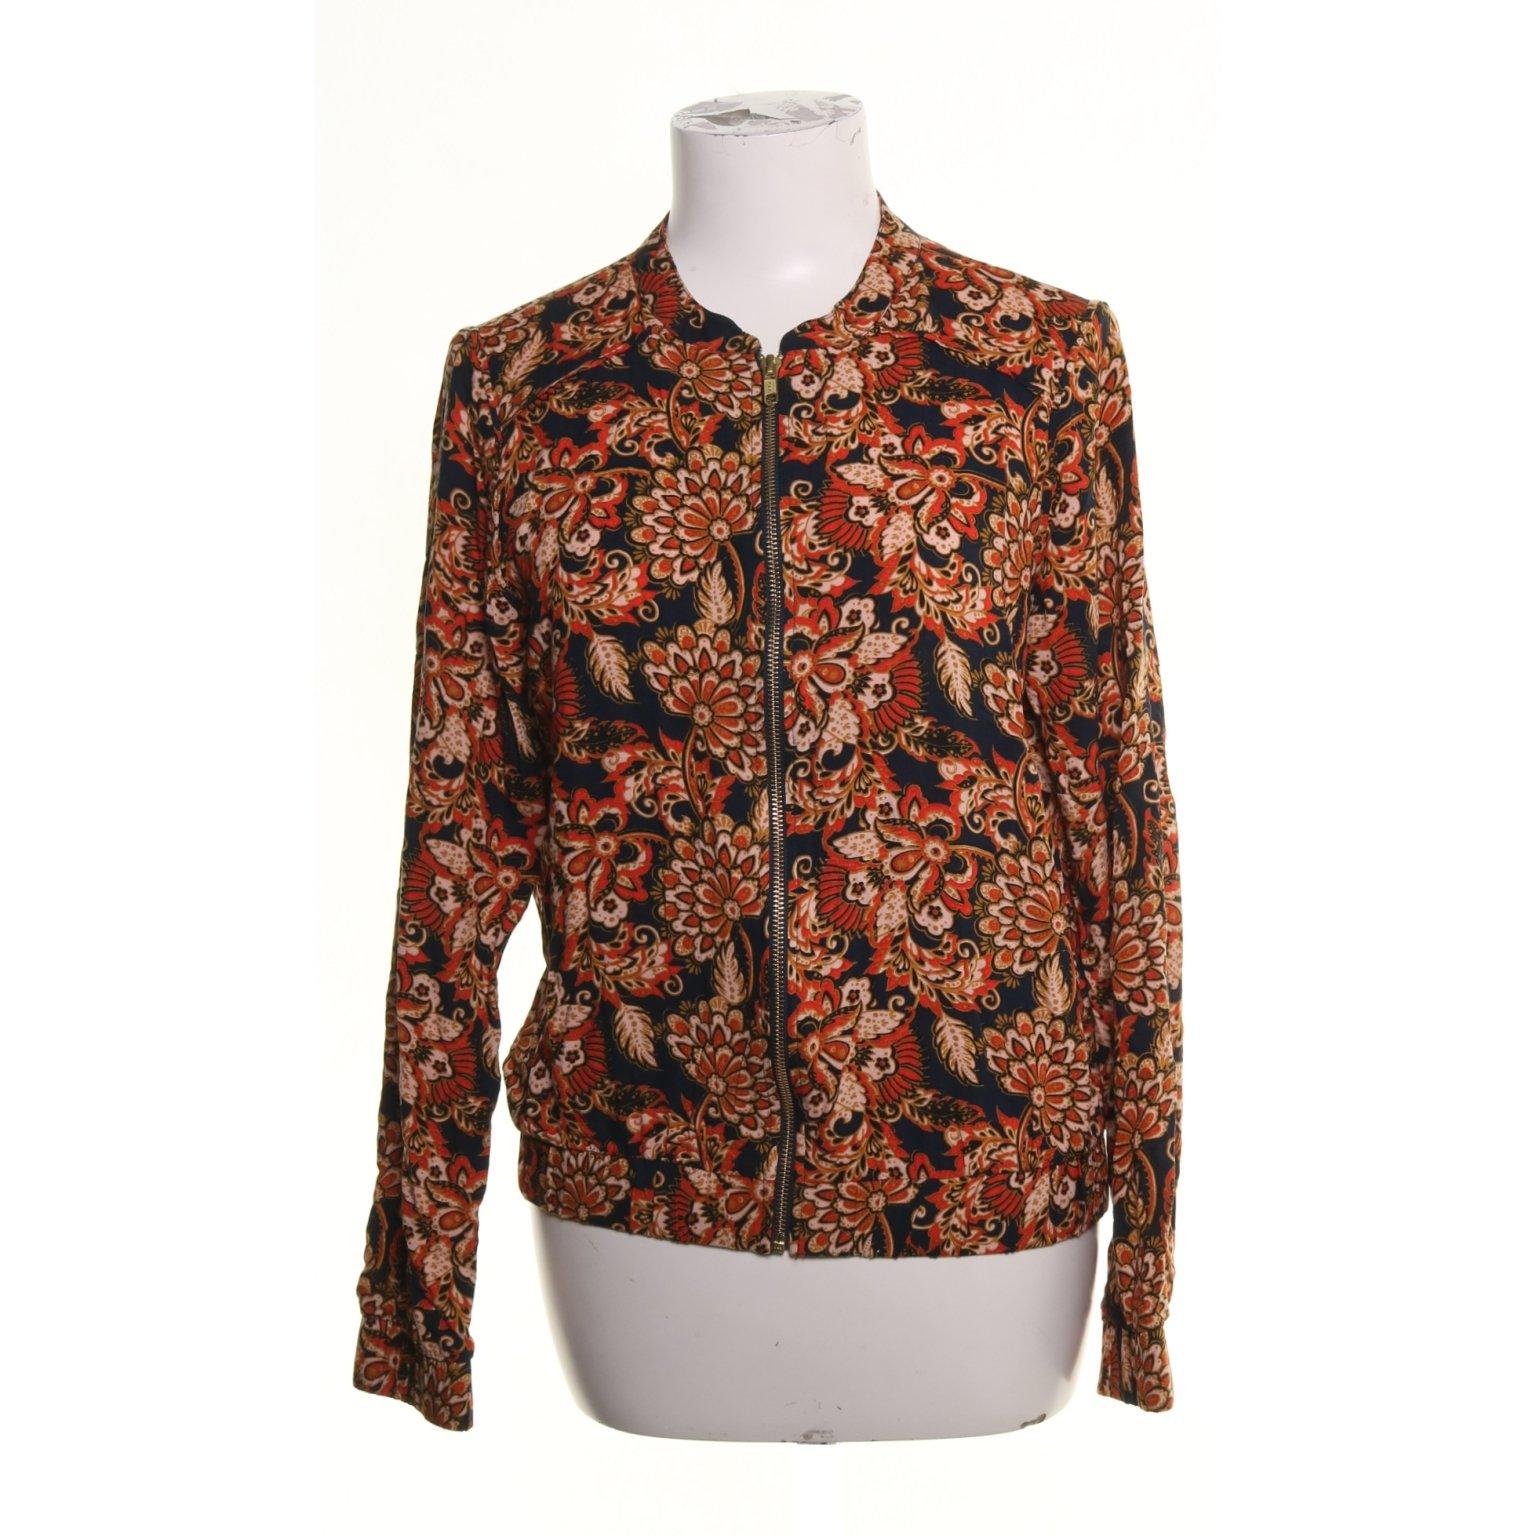 beställa online leta efter ny hög kvalitet VILA Clothes, Bomberjacka, Strl: S, Print.. (379379907) ᐈ Sellpy ...